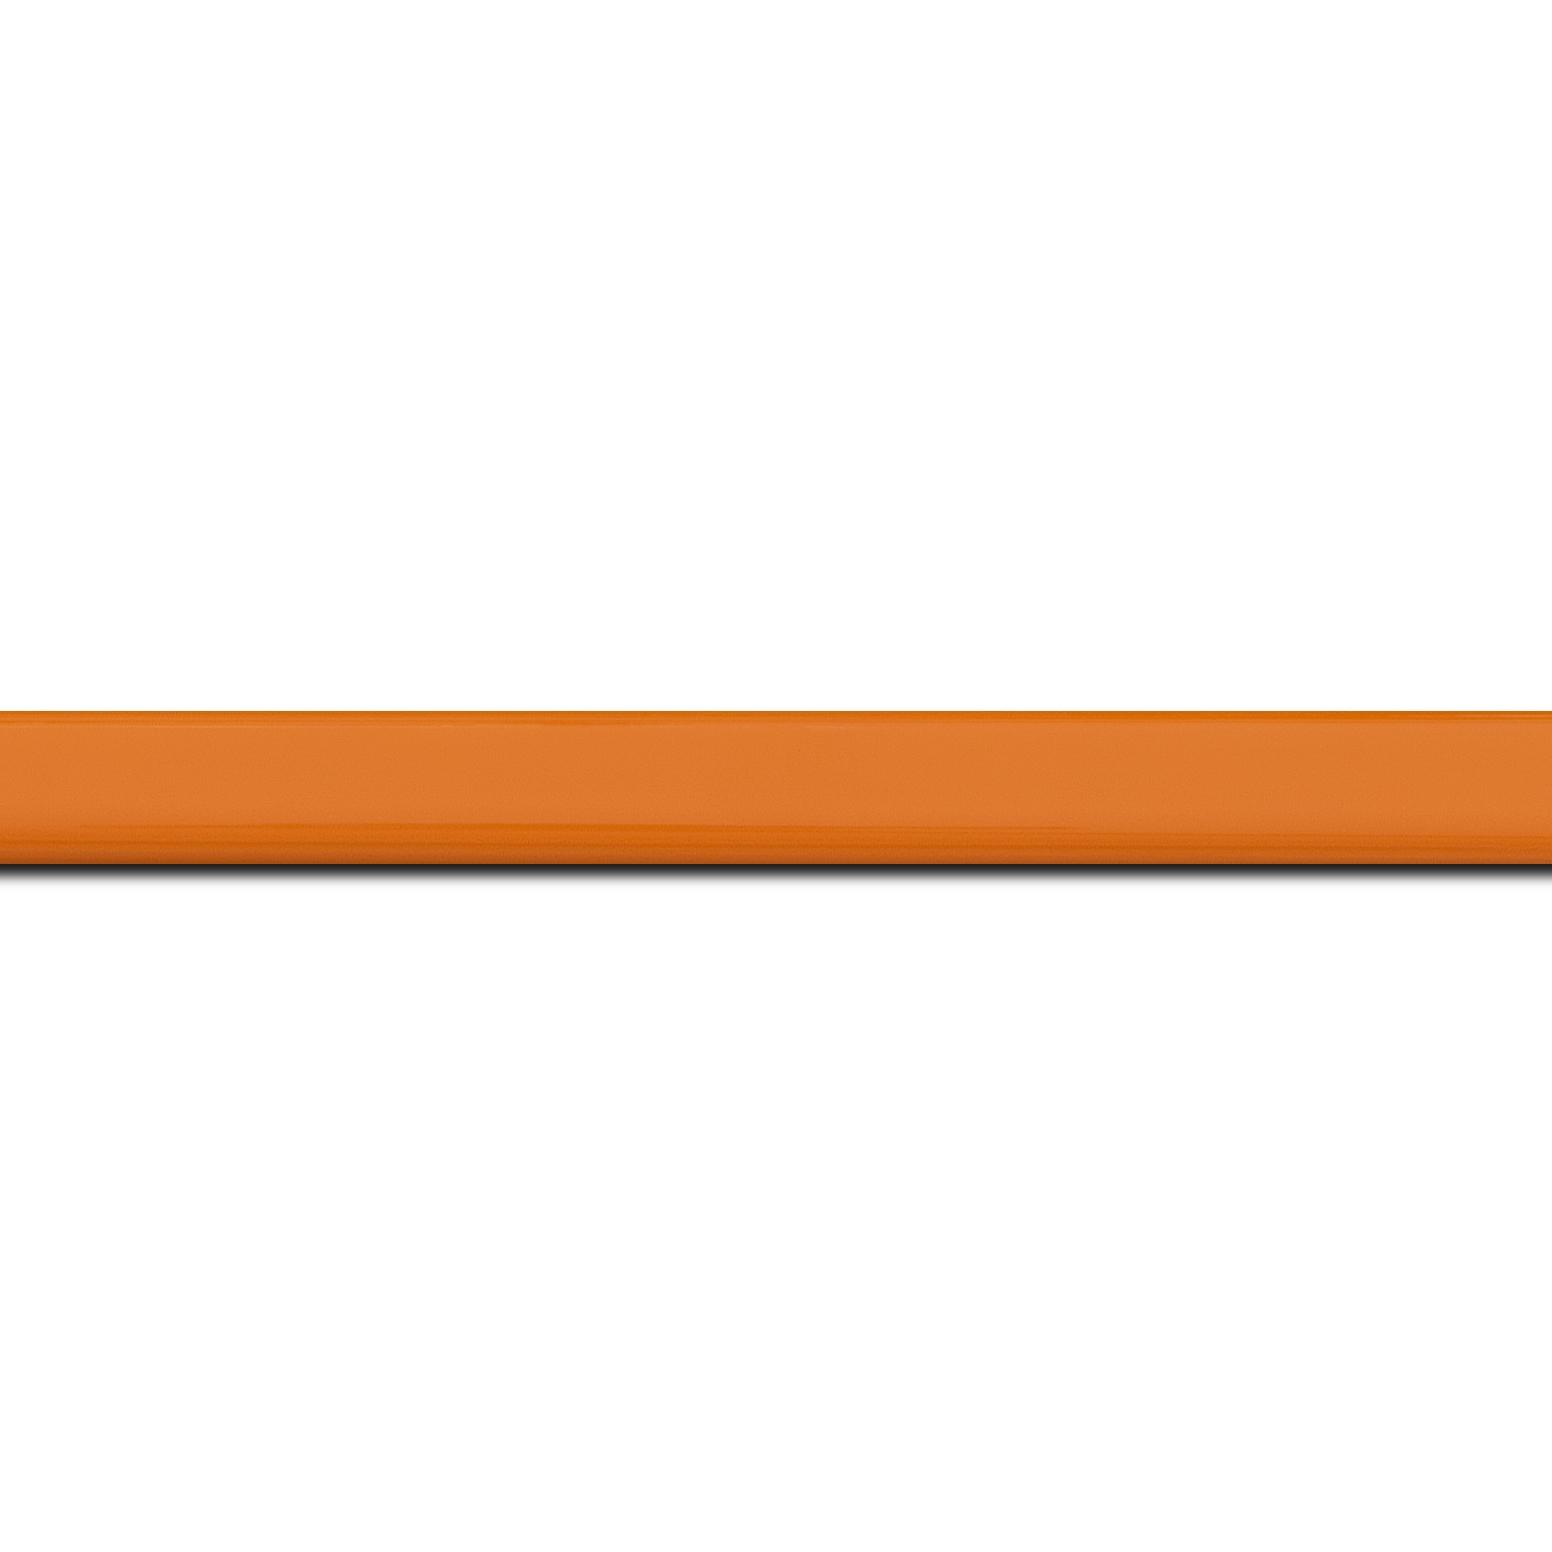 Pack par 12m, bois profil méplat largeur 1.4cm couleur orange laqué (longueur baguette pouvant varier entre 2.40m et 3m selon arrivage des bois)